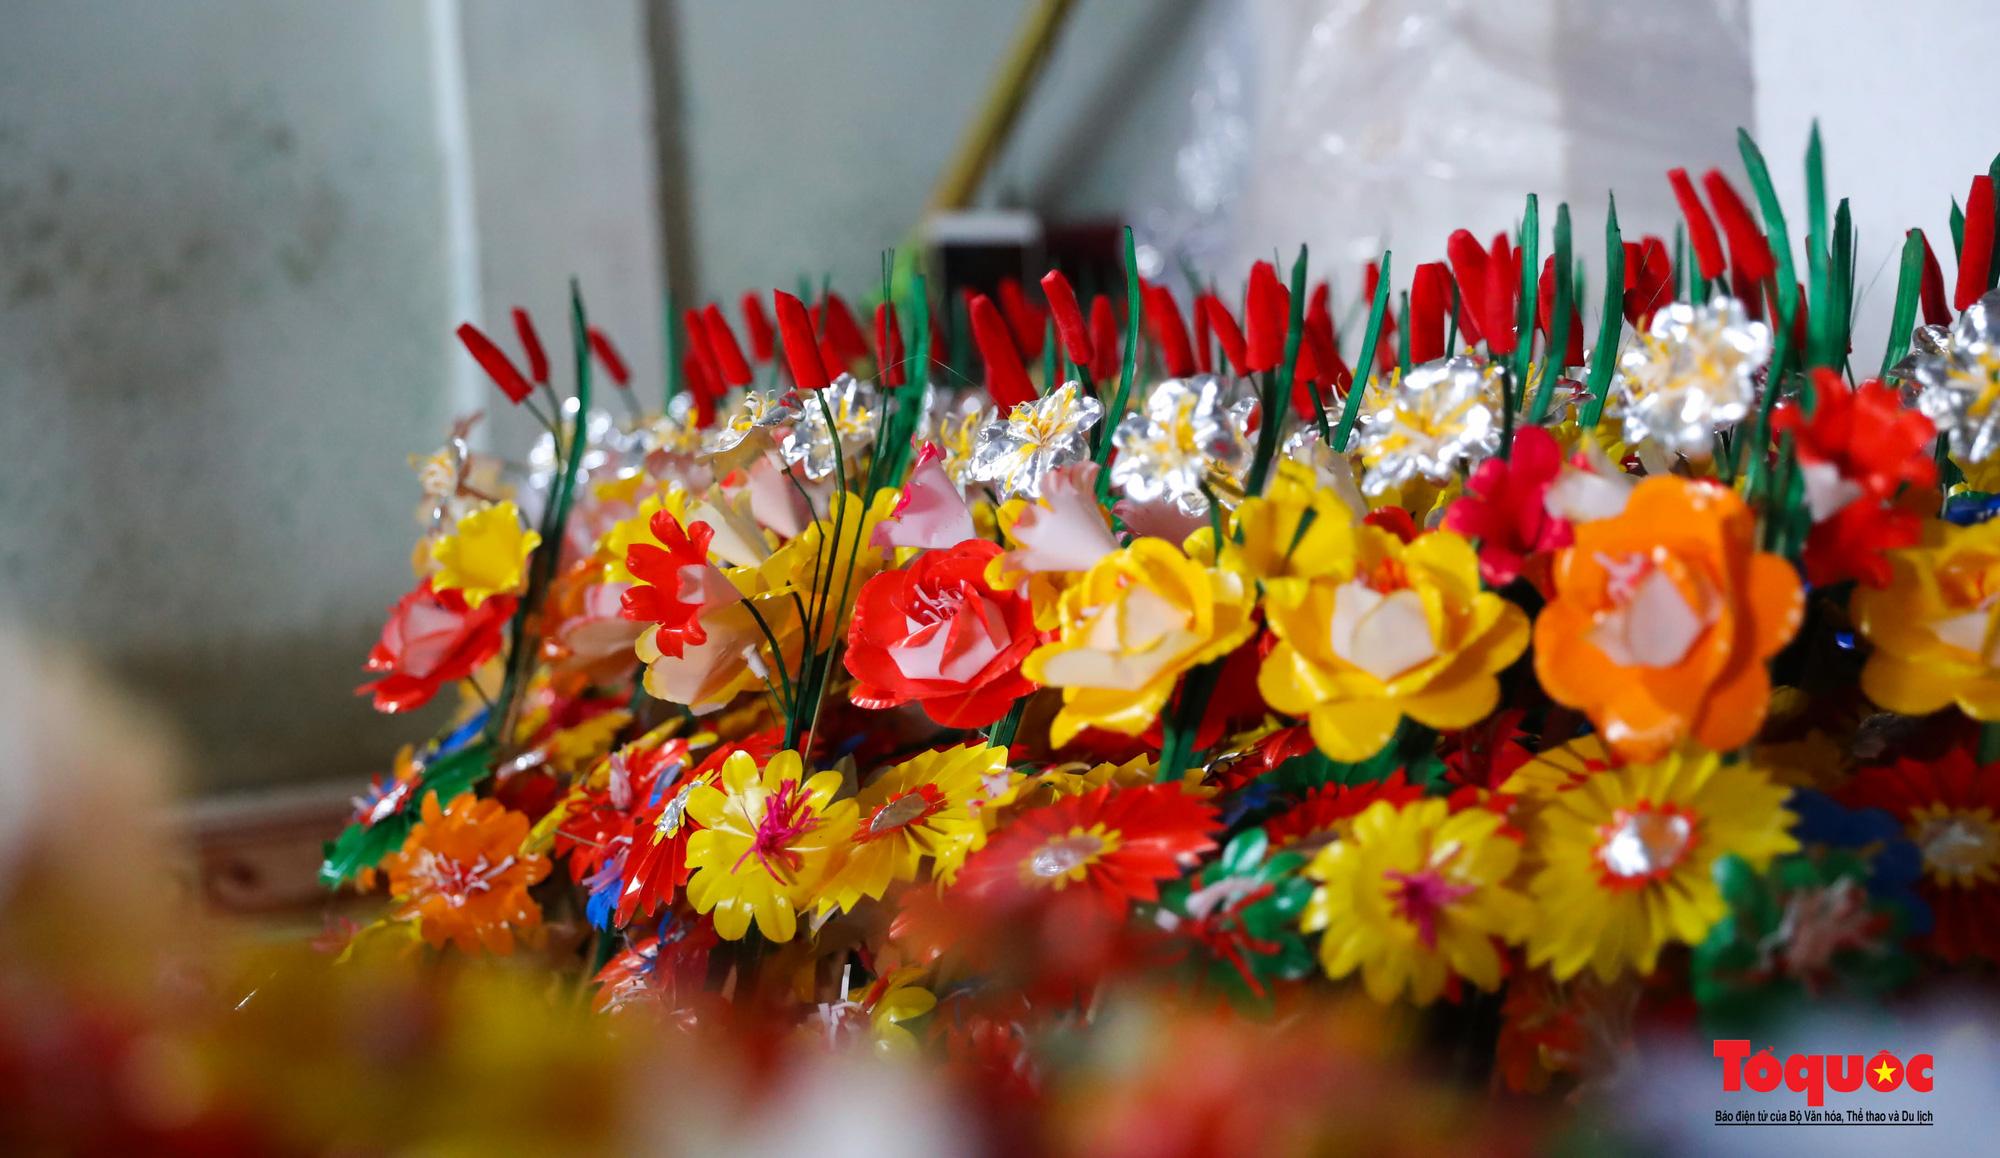 Rực rỡ sắc màu hoa Tết tại làng nghề hoa giấy hơn 300 tuổi - Ảnh 4.